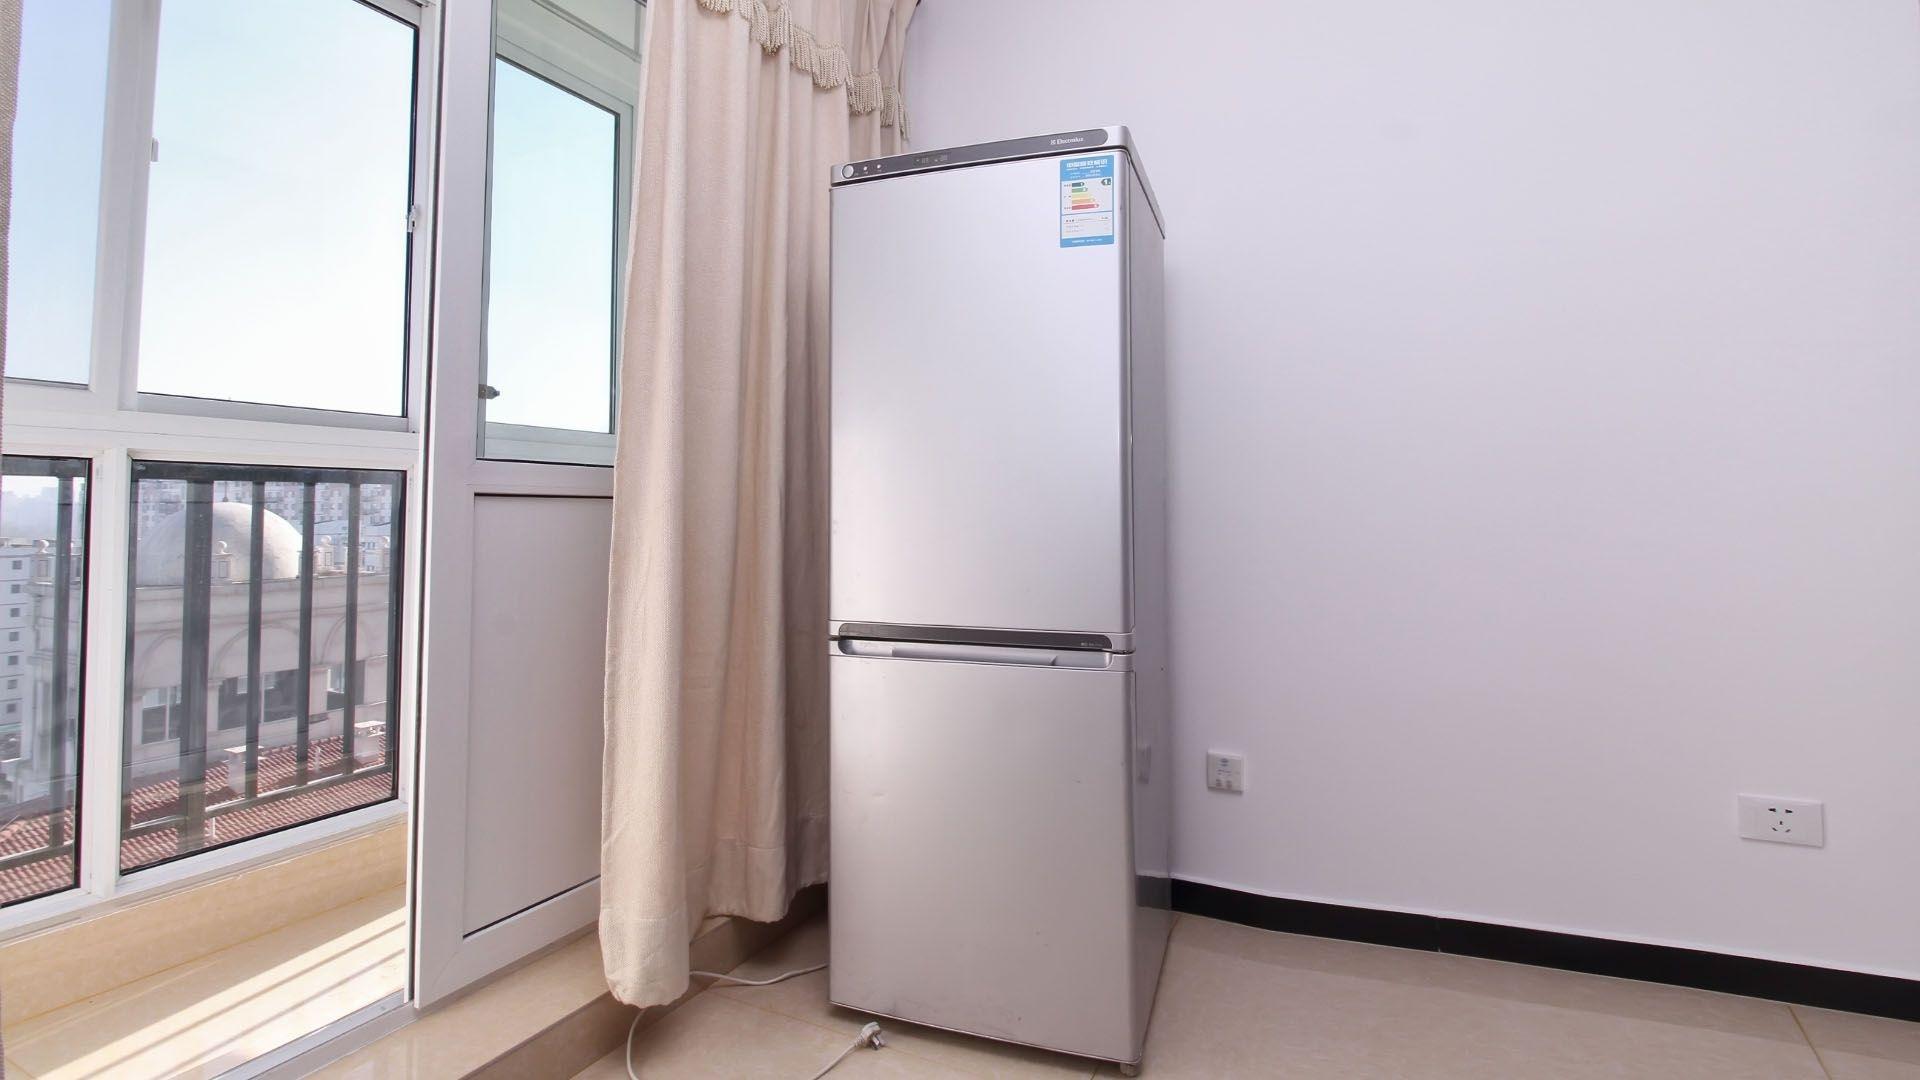 冰箱压缩机噪音大怎么办—冰箱压缩机噪音大怎么处理